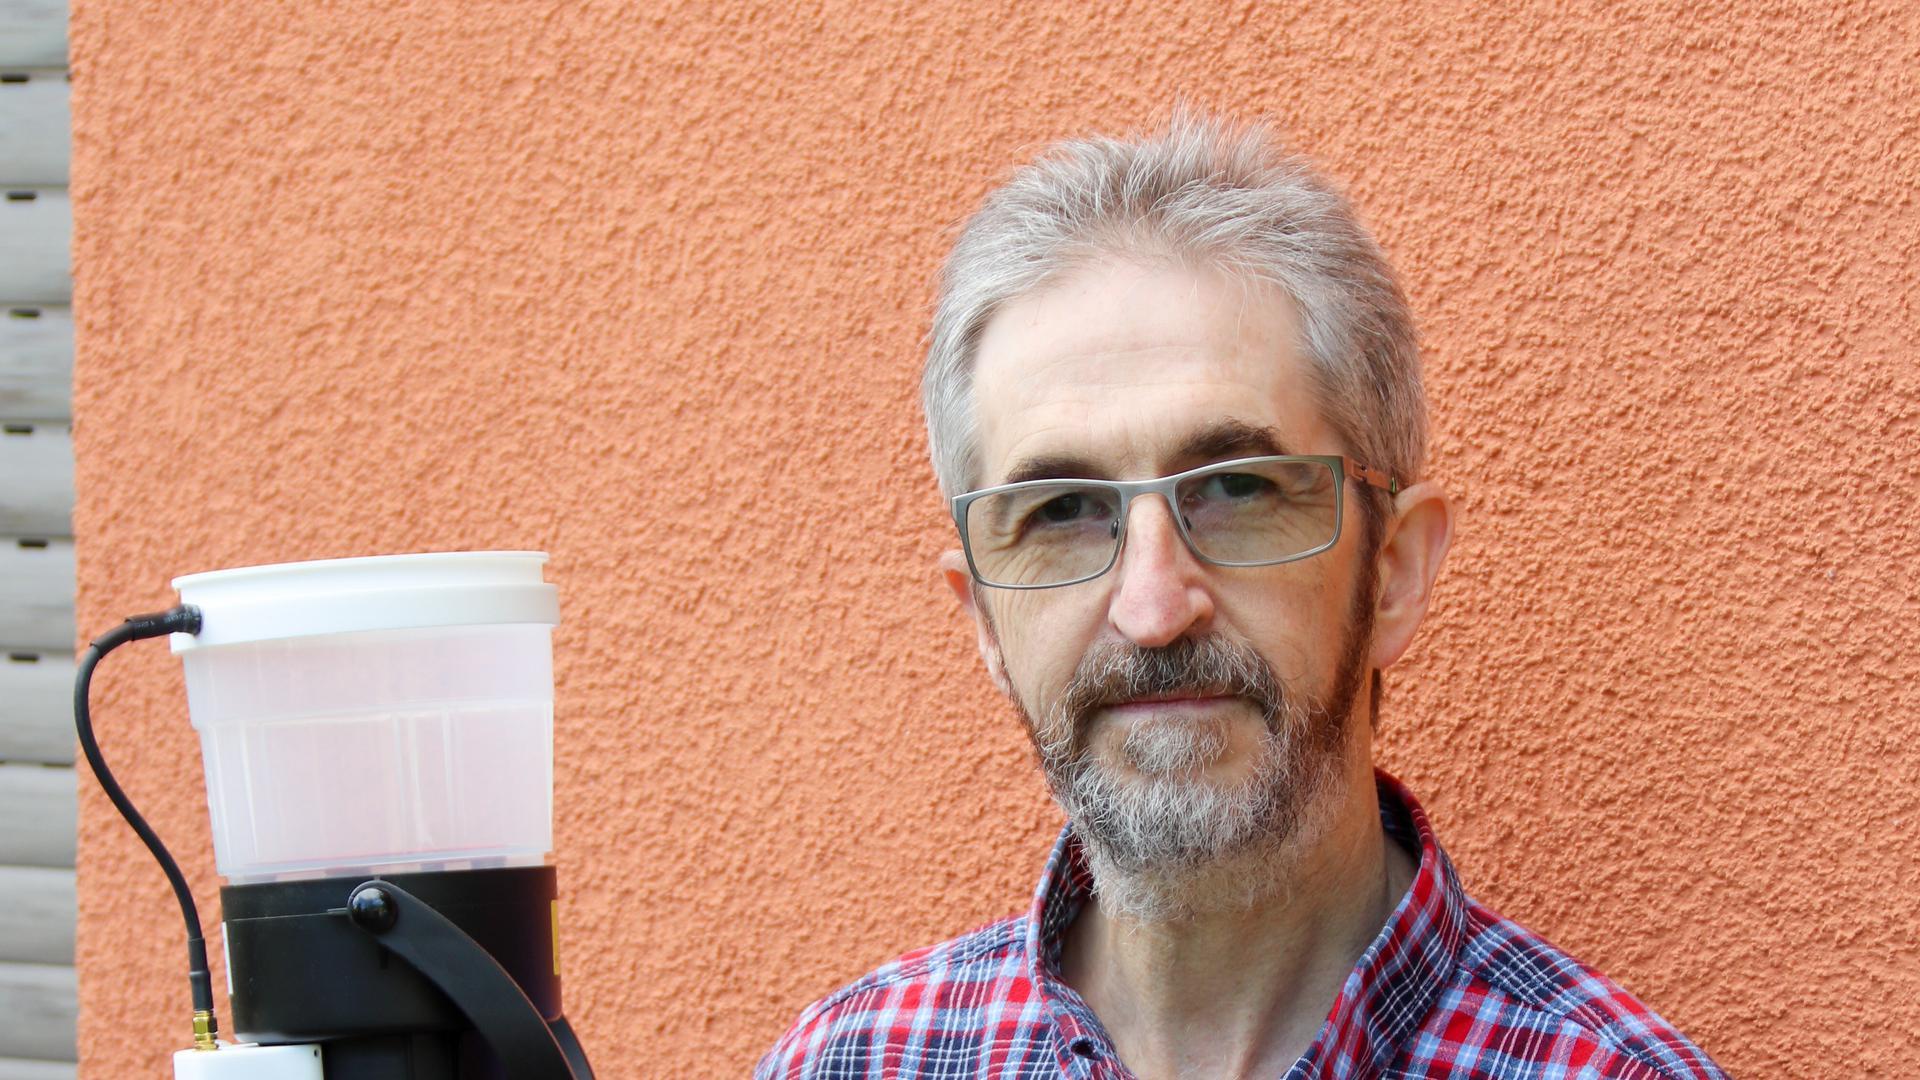 Clemens Willy, Diplom-Ingenieur aus Bruchsal